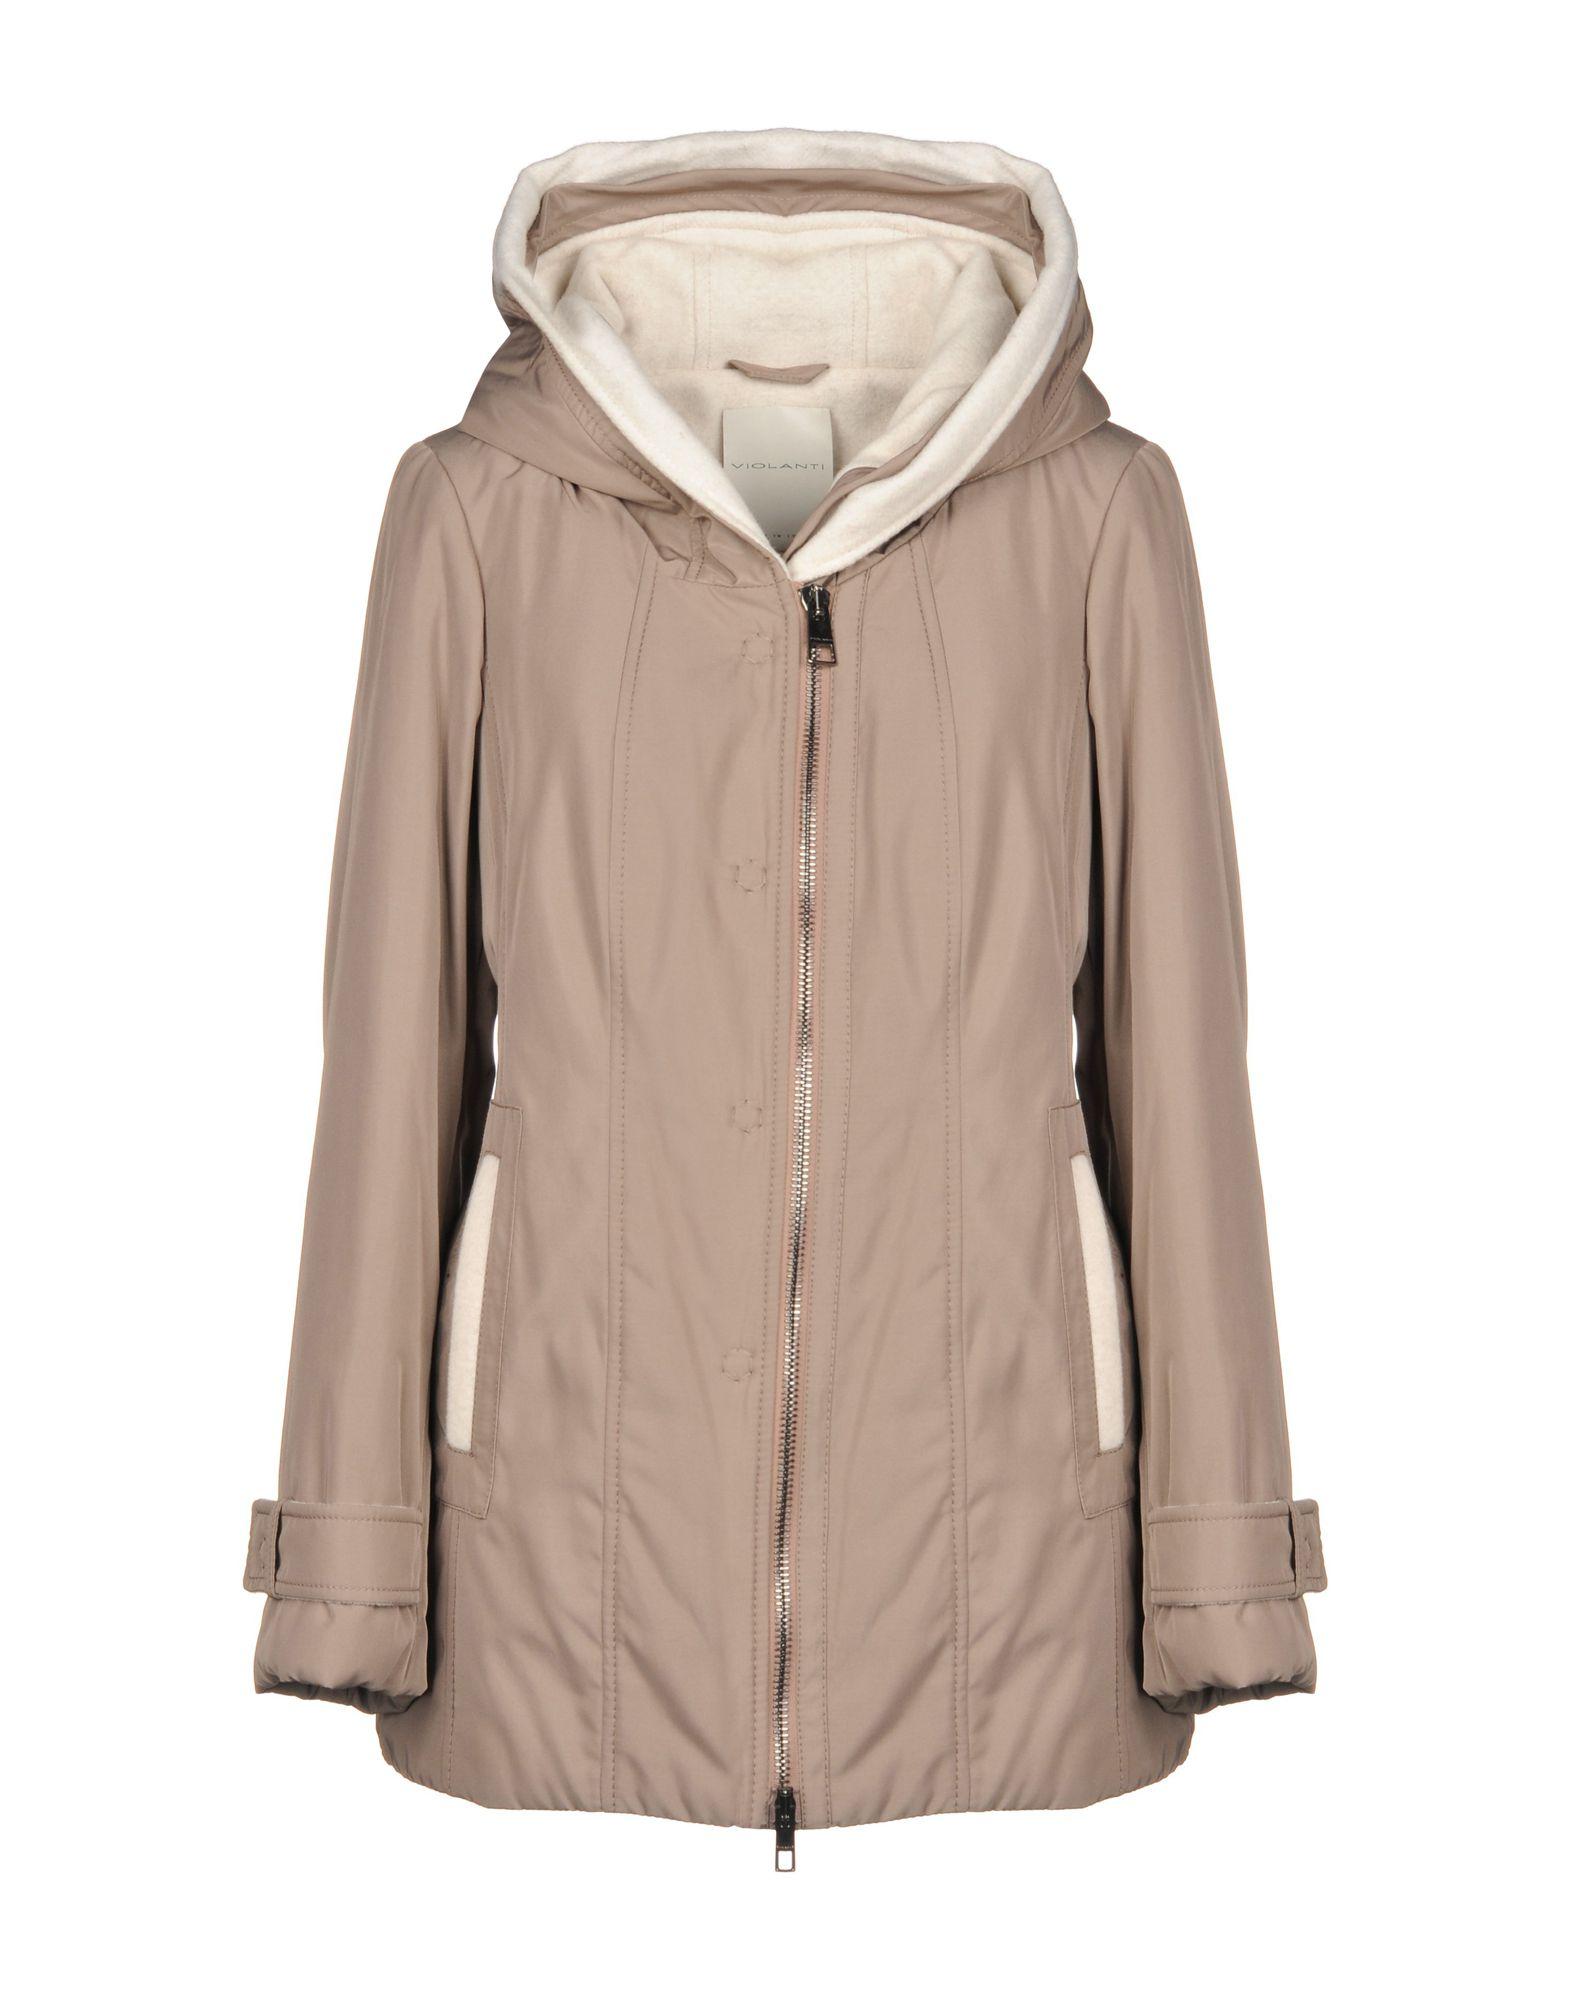 VIOLANTI Jacket in Dove Grey